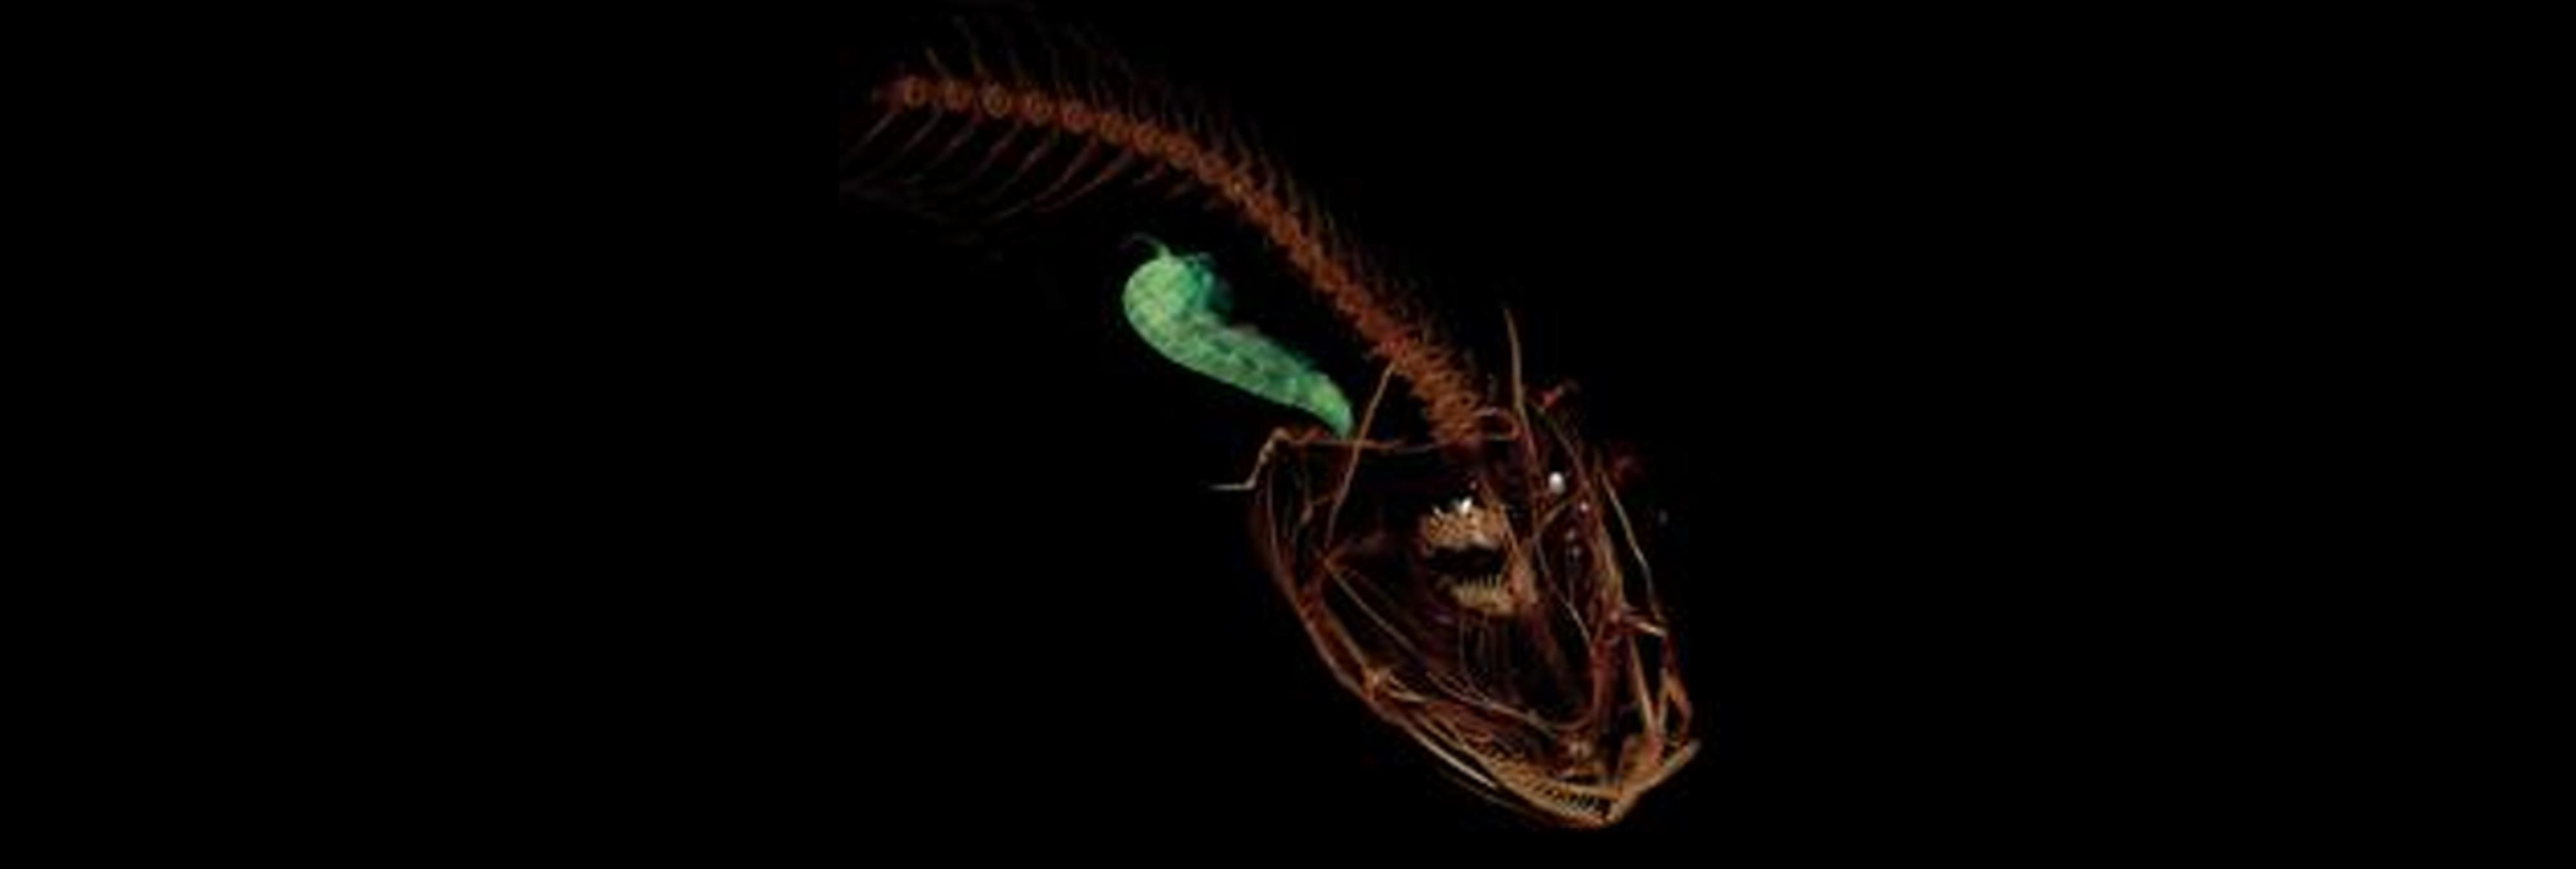 Descubren un nuevo e impresionante pez en la zona más profunda del océano